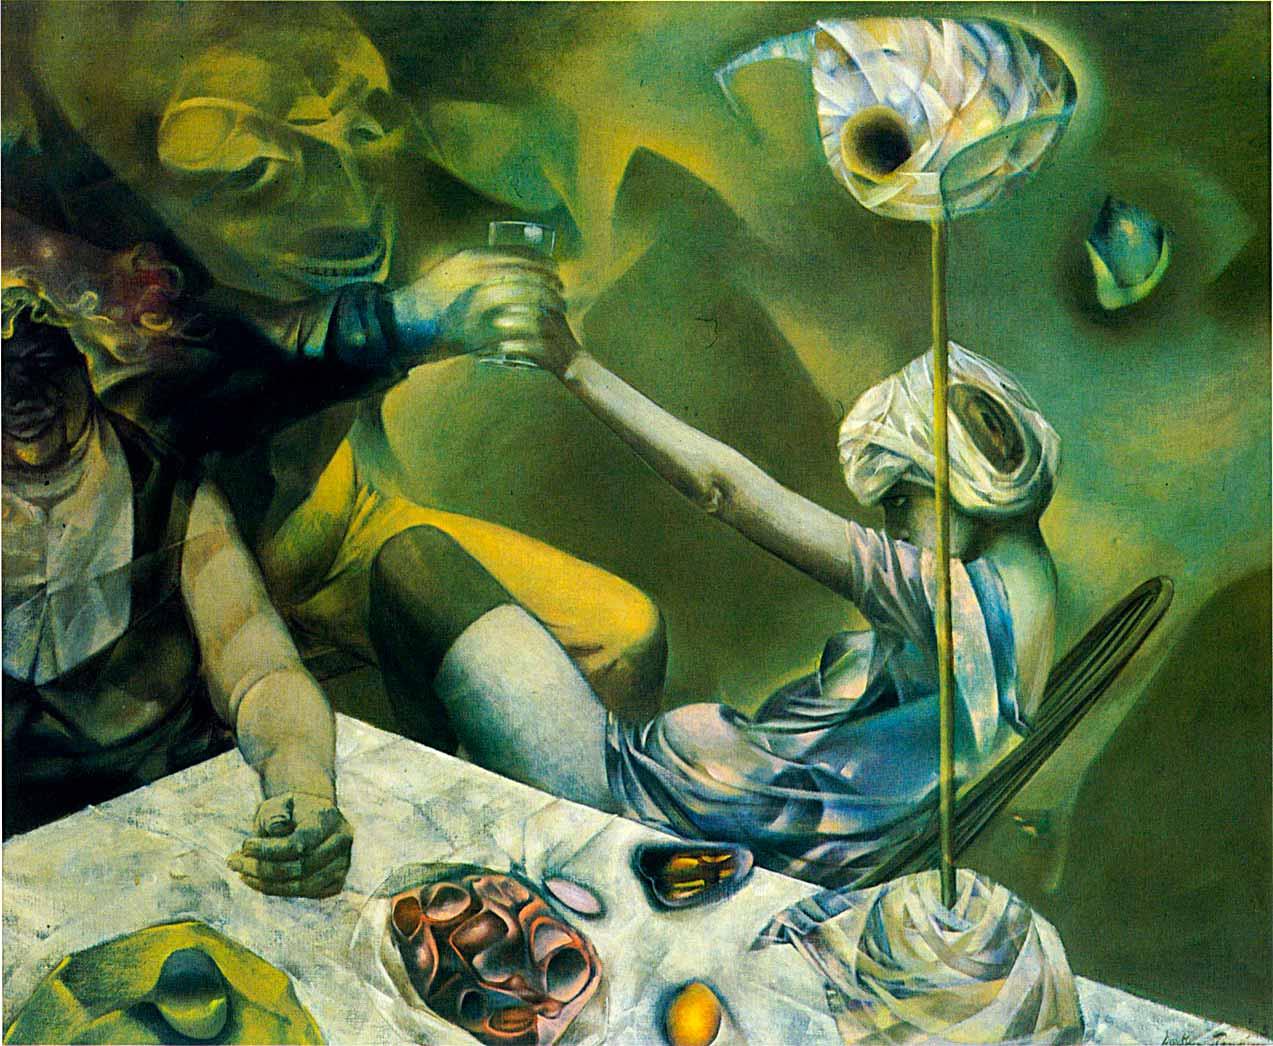 The Philosophers - Los filósofos - Cuadro Surrealista pintado por Dorothea Tanning en 1952 - Óleo sobre Lienzo 74 x 90 cm